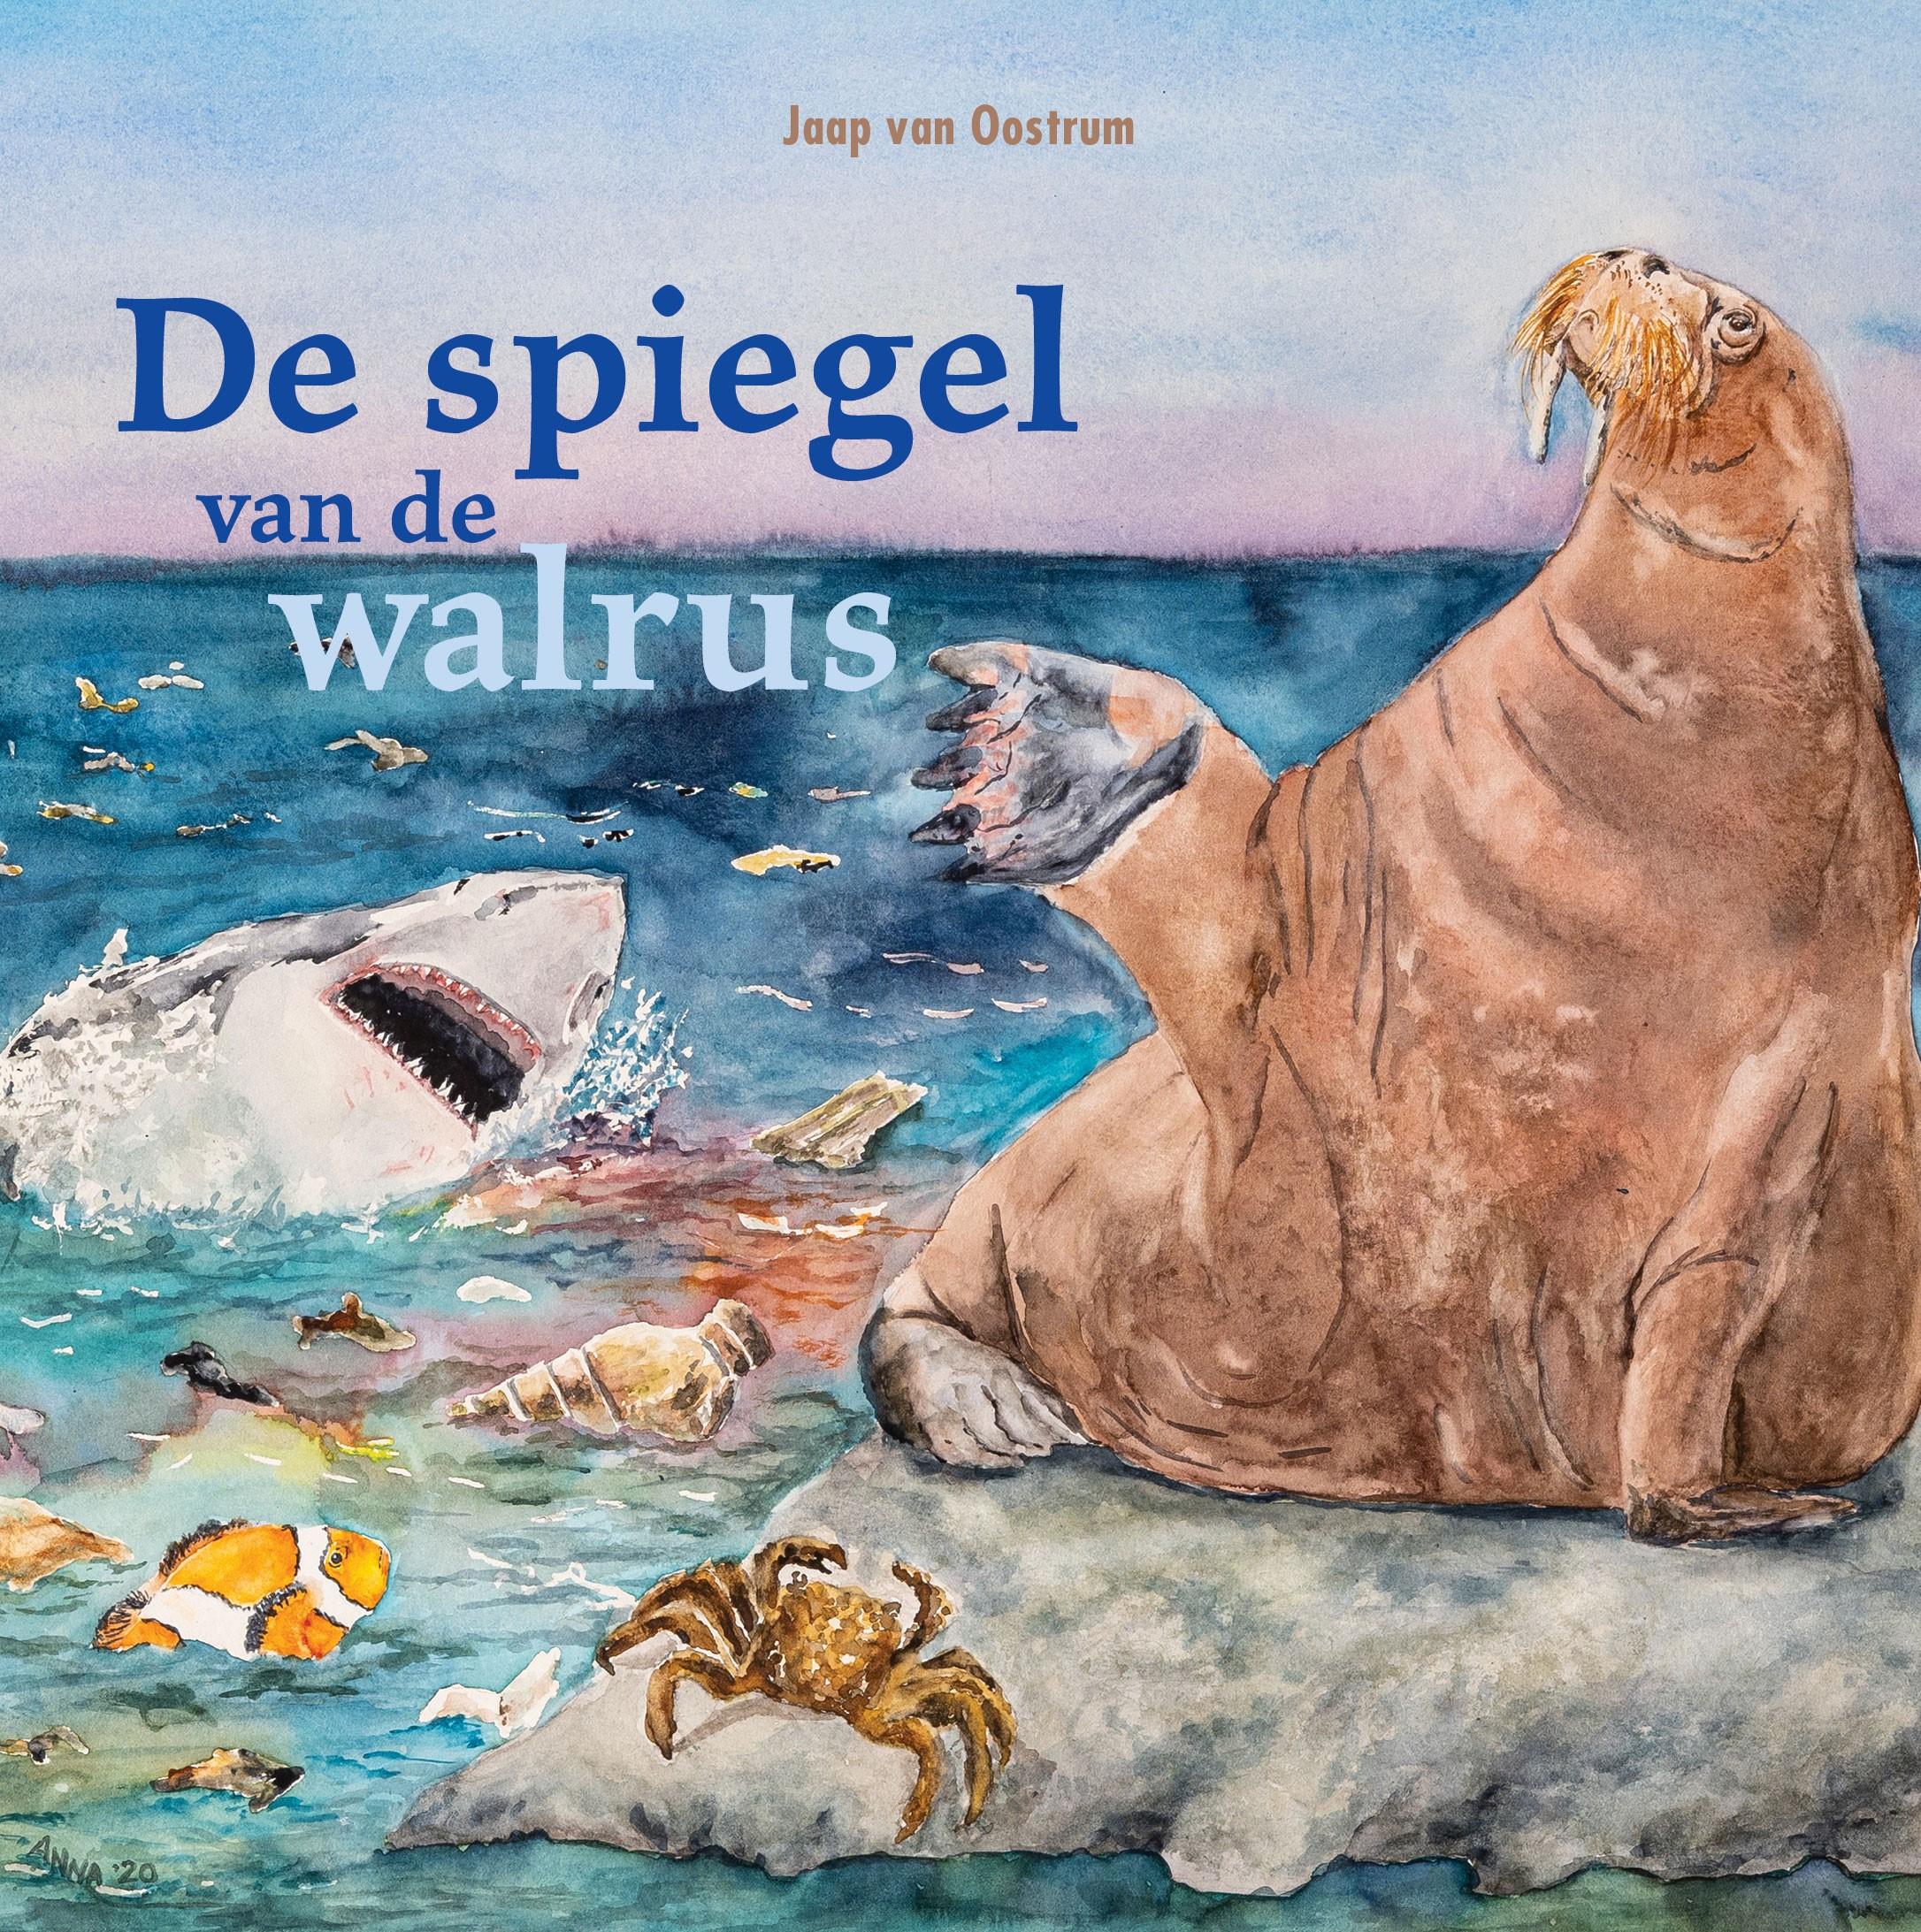 cover de spiegel van de walrus dichter Jaap van Oostrum